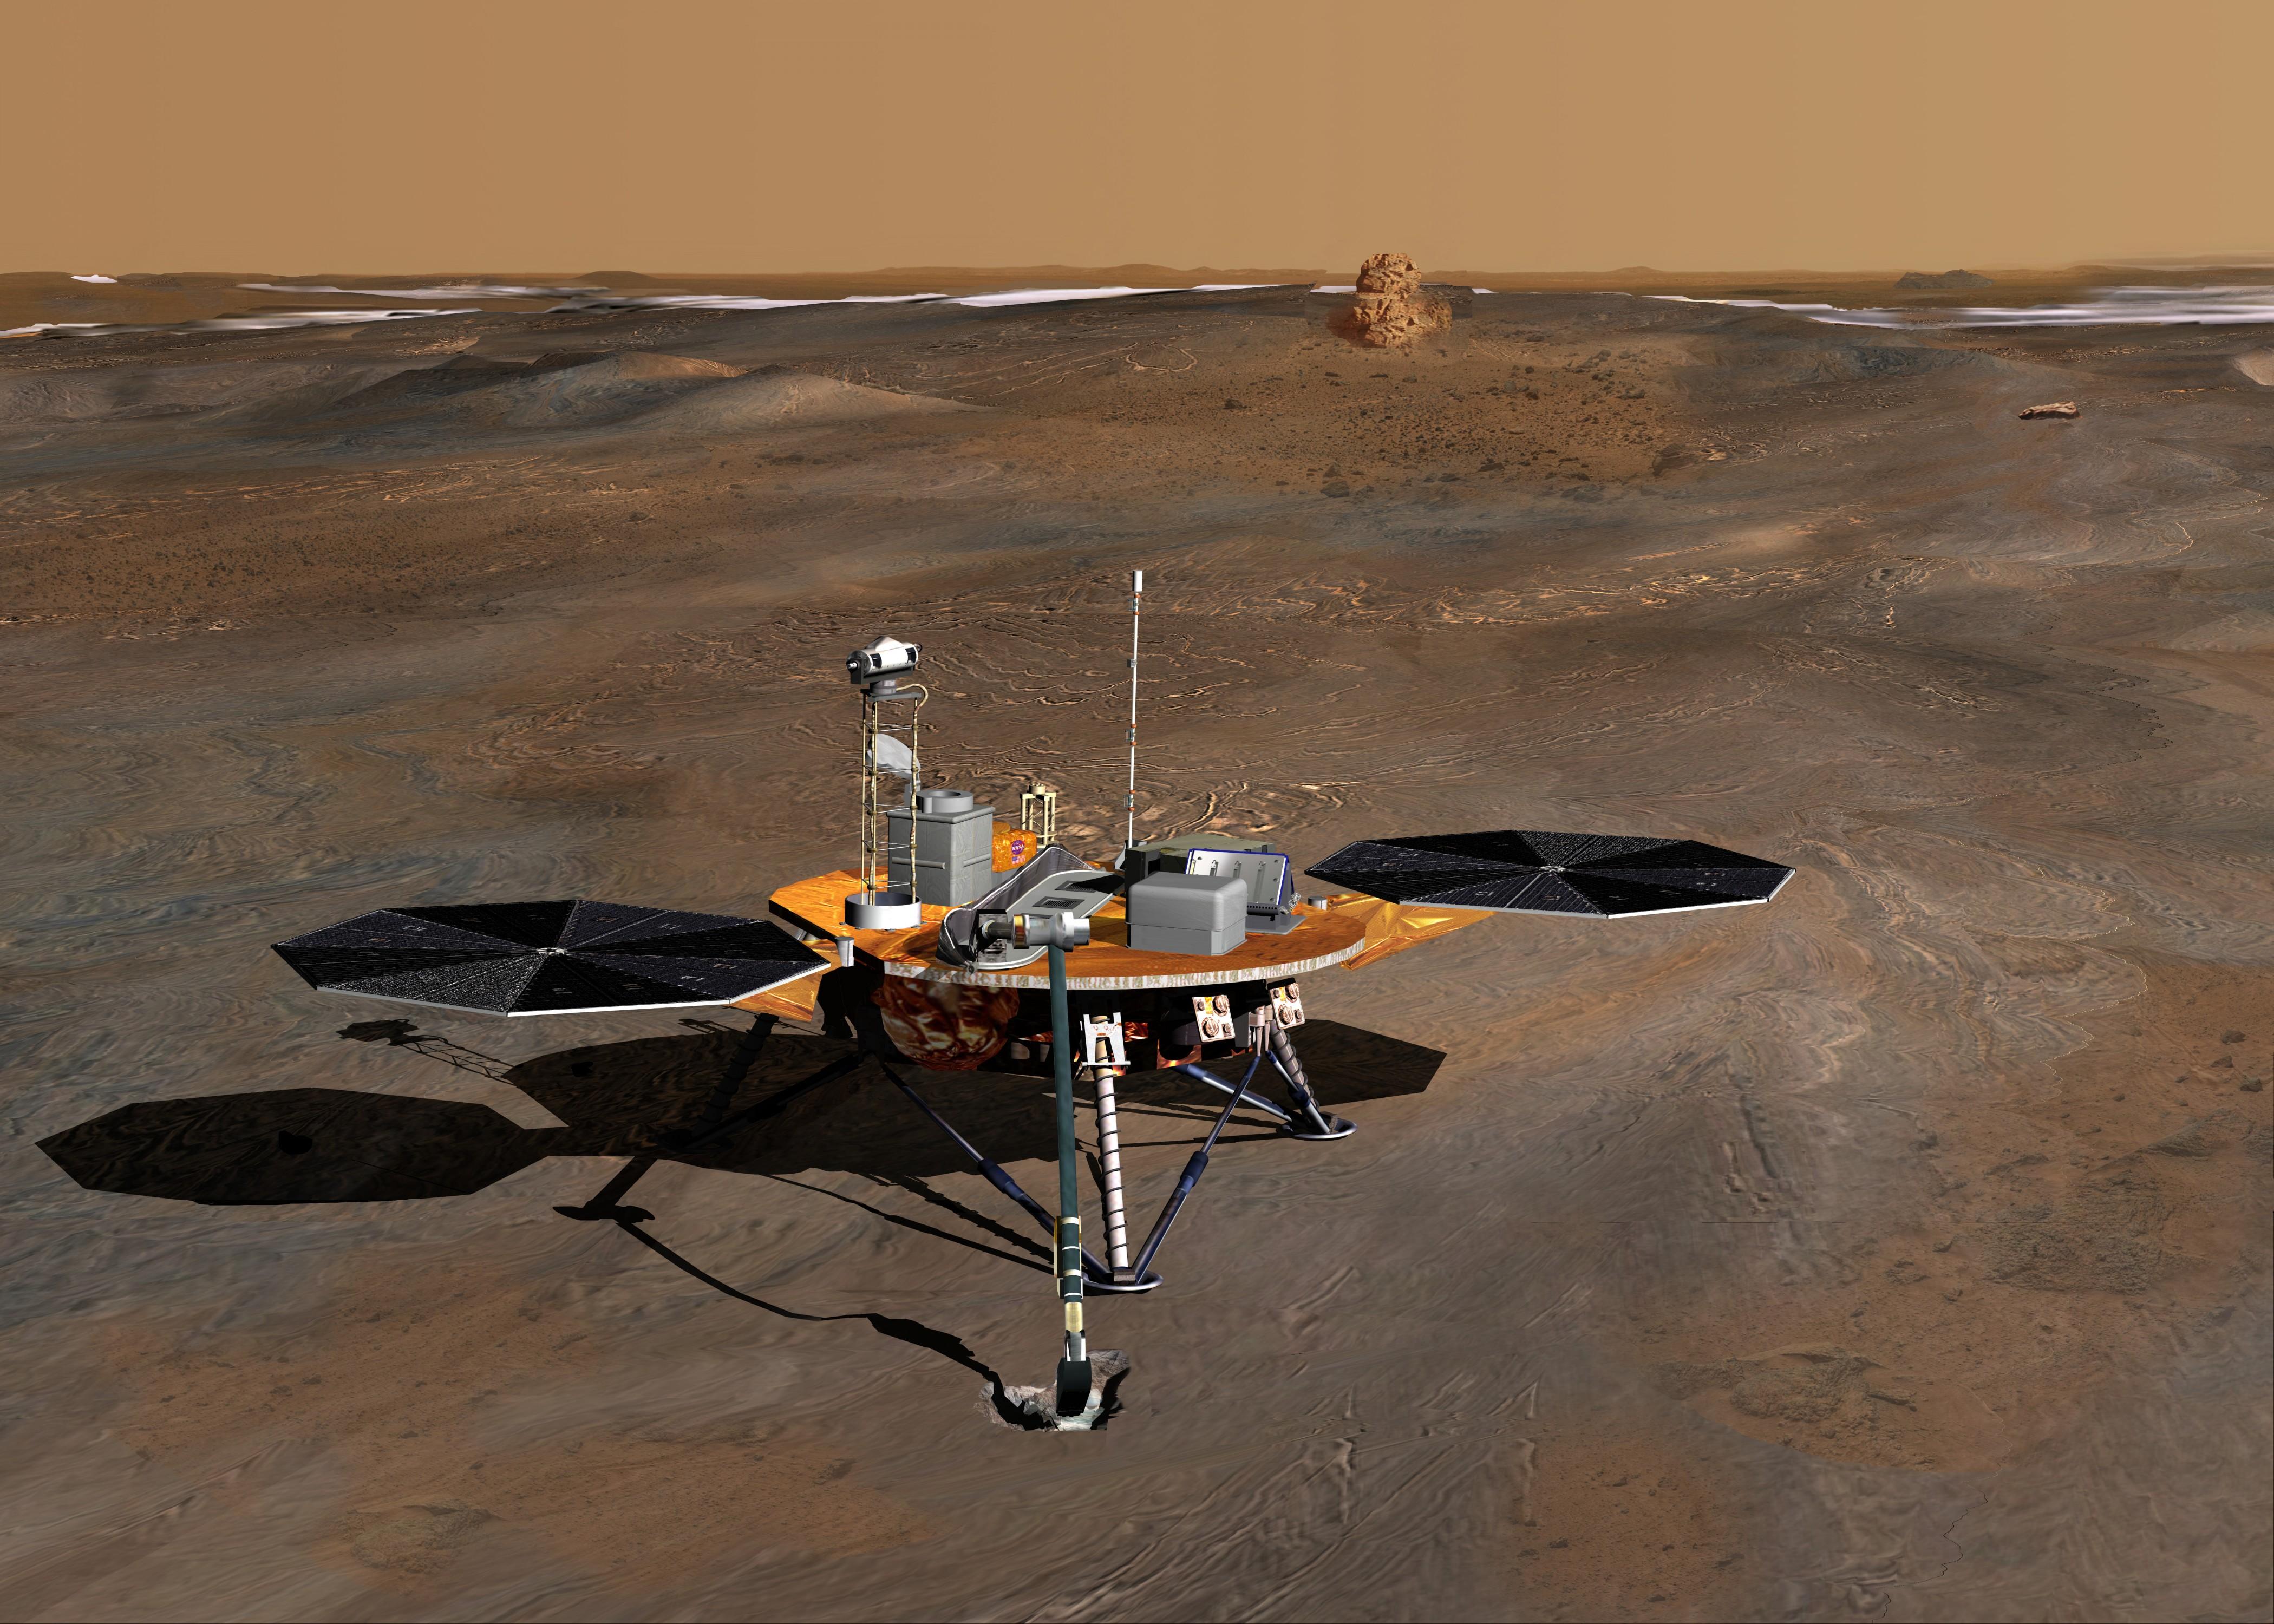 Первые фотографии с Марса прислал американский марсоход